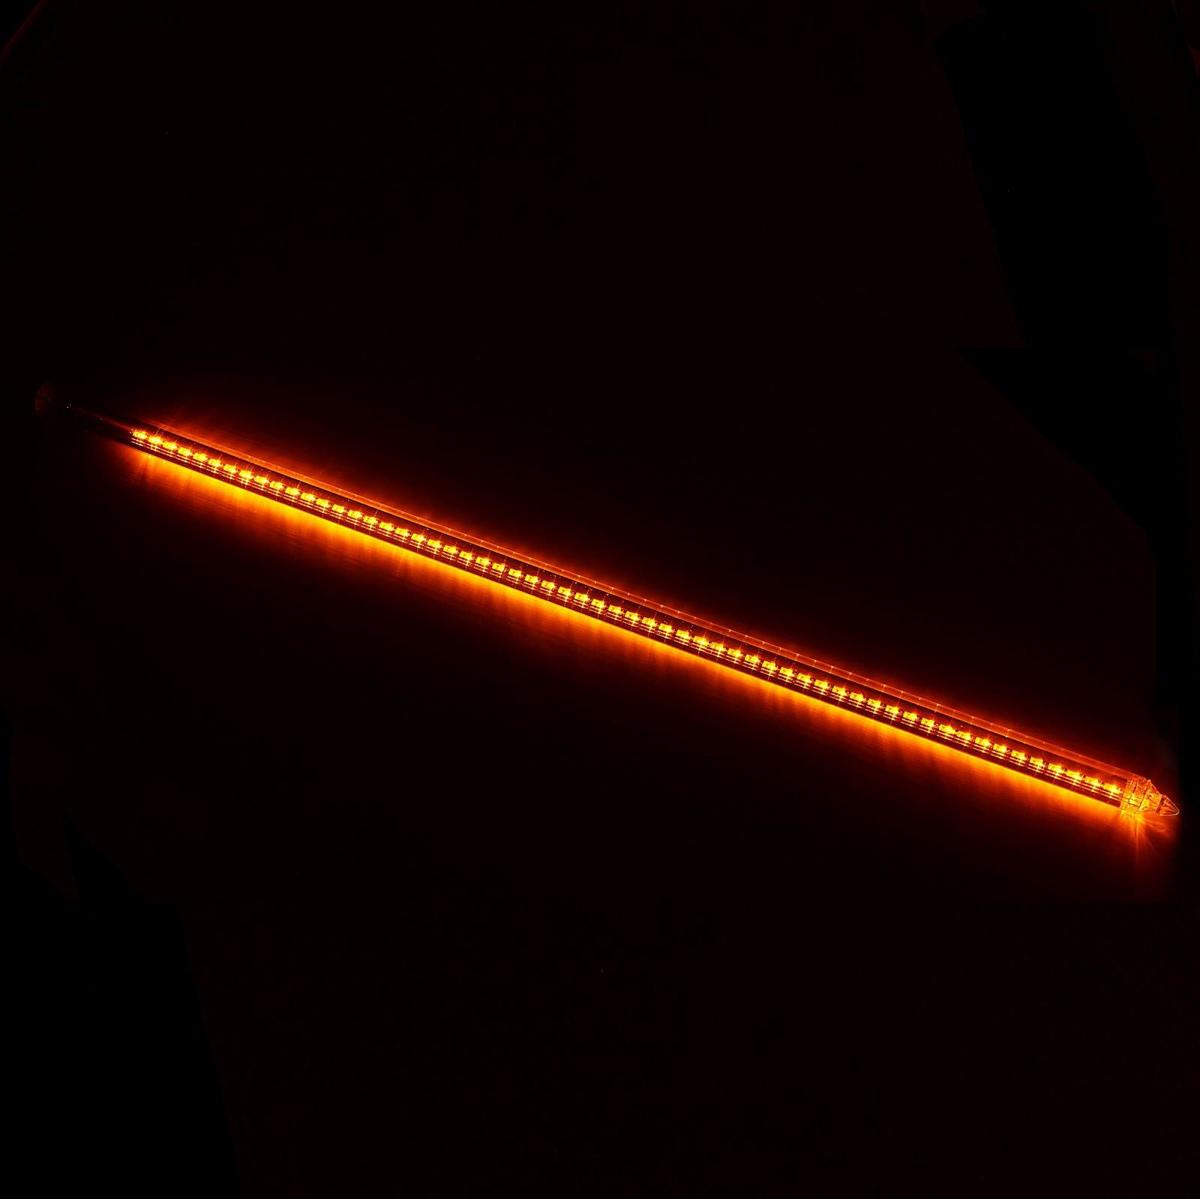 Светодиодная сосулька Luazon Тающая, длина 1 м, диаметр 3 см, LED 60 ламп, 220V, цвет: желтый678888Светодиодные гирлянды, ленты и т.д — это отличный вариант для новогоднего оформления интерьера или фасада. С их помощью помещение любого размера можно превратить в праздничный зал, а внешние элементы зданий, украшенные ими, мгновенно станут напоминать очертания сказочного дворца. Такие украшения создают ауру предвкушения чуда. Деревья, фасады, витрины, окна и арки будто специально созданы, чтобы вы украсили их светящимися нитями.